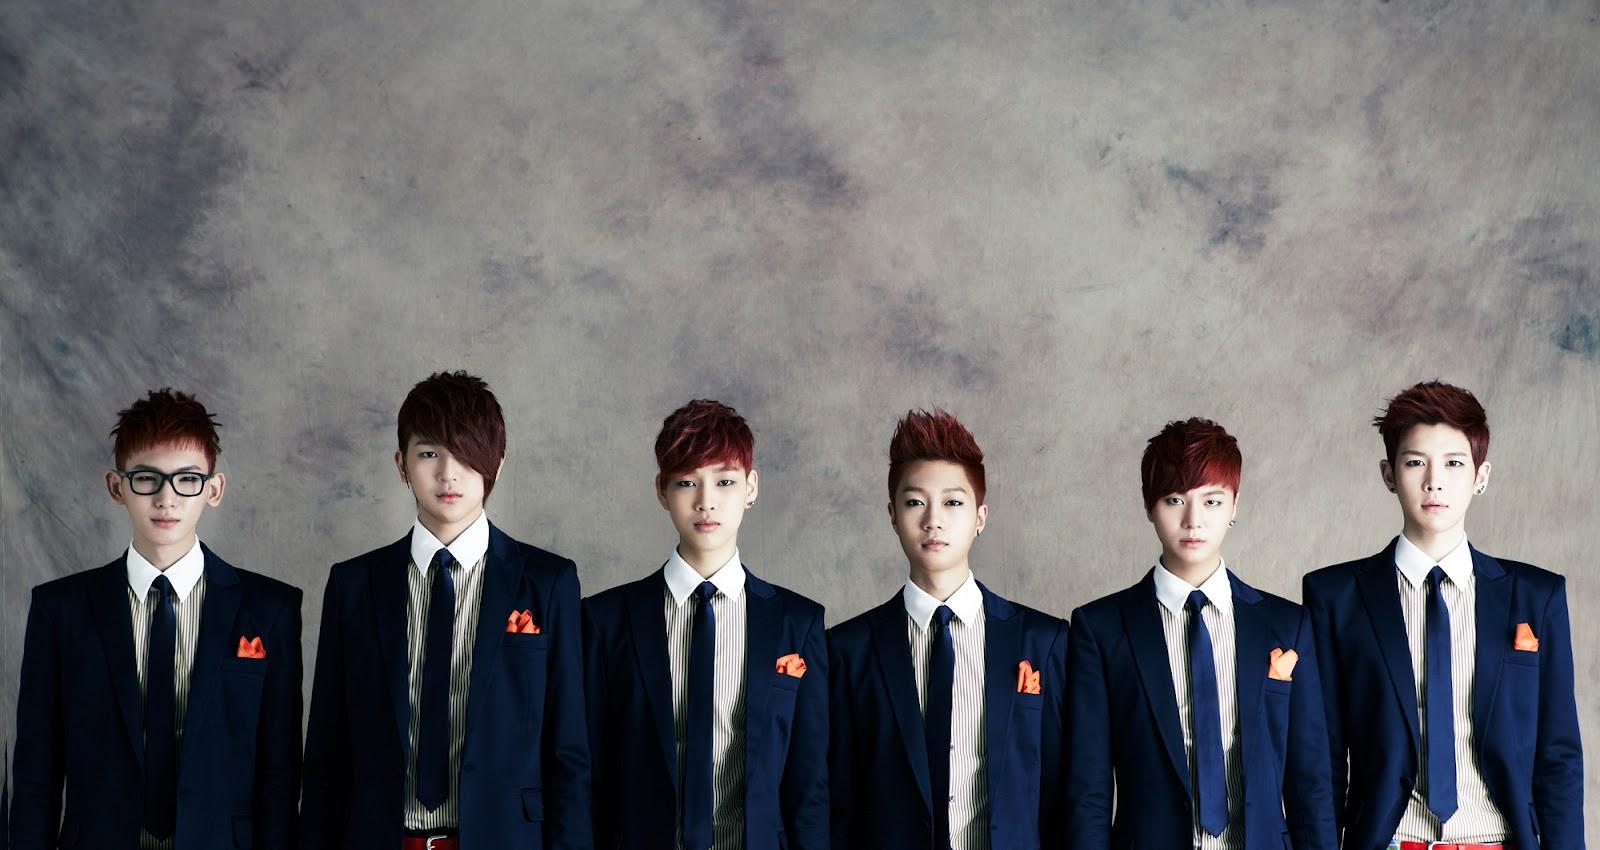 Foto boyband korea excite 51